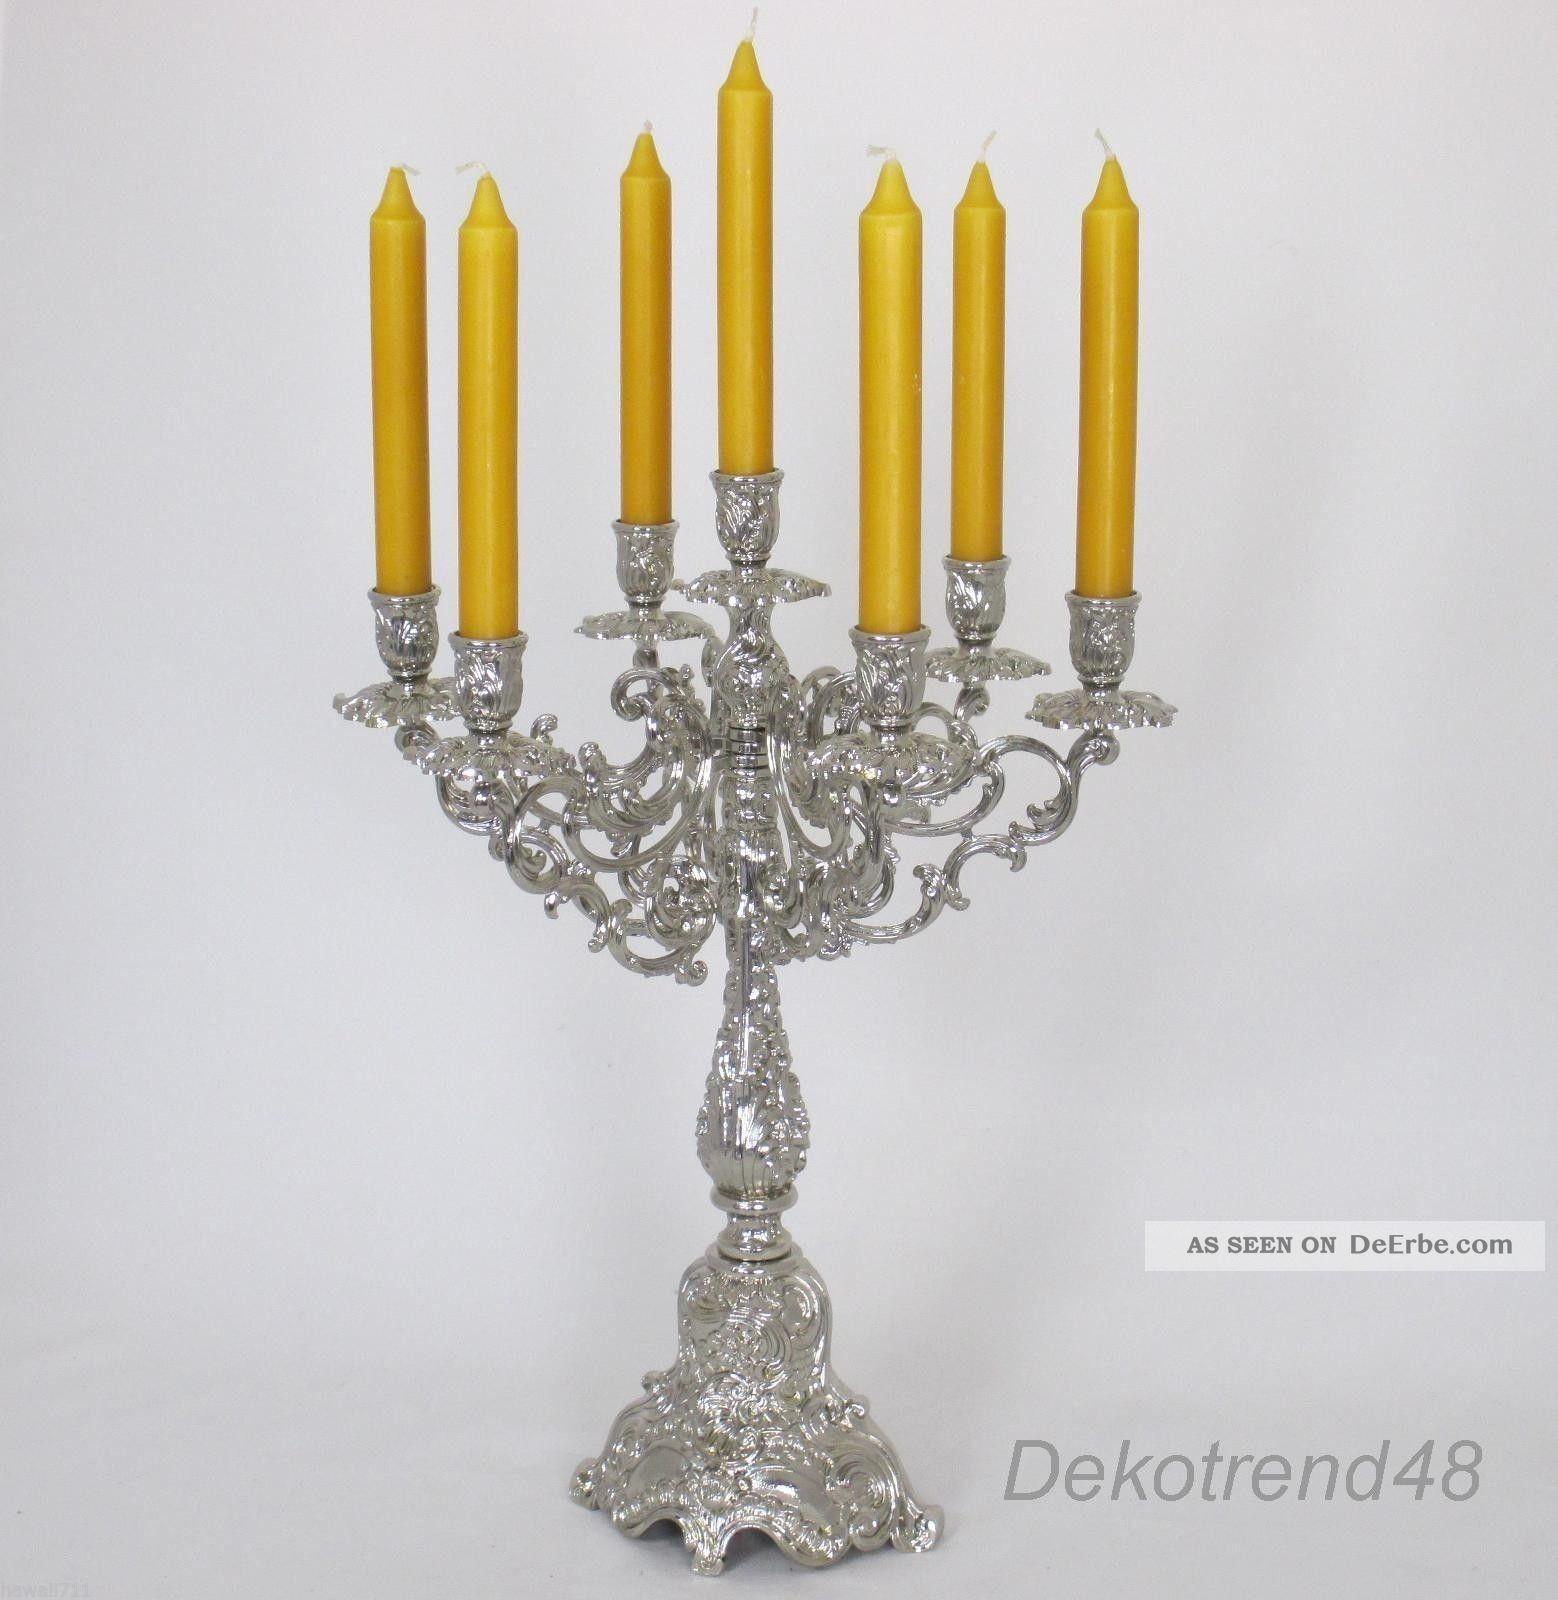 Prunkleuchter Kerzenleuchter Tischleuchter Kerzenständer Antik Barock Silber Gefertigt nach 1945 Bild